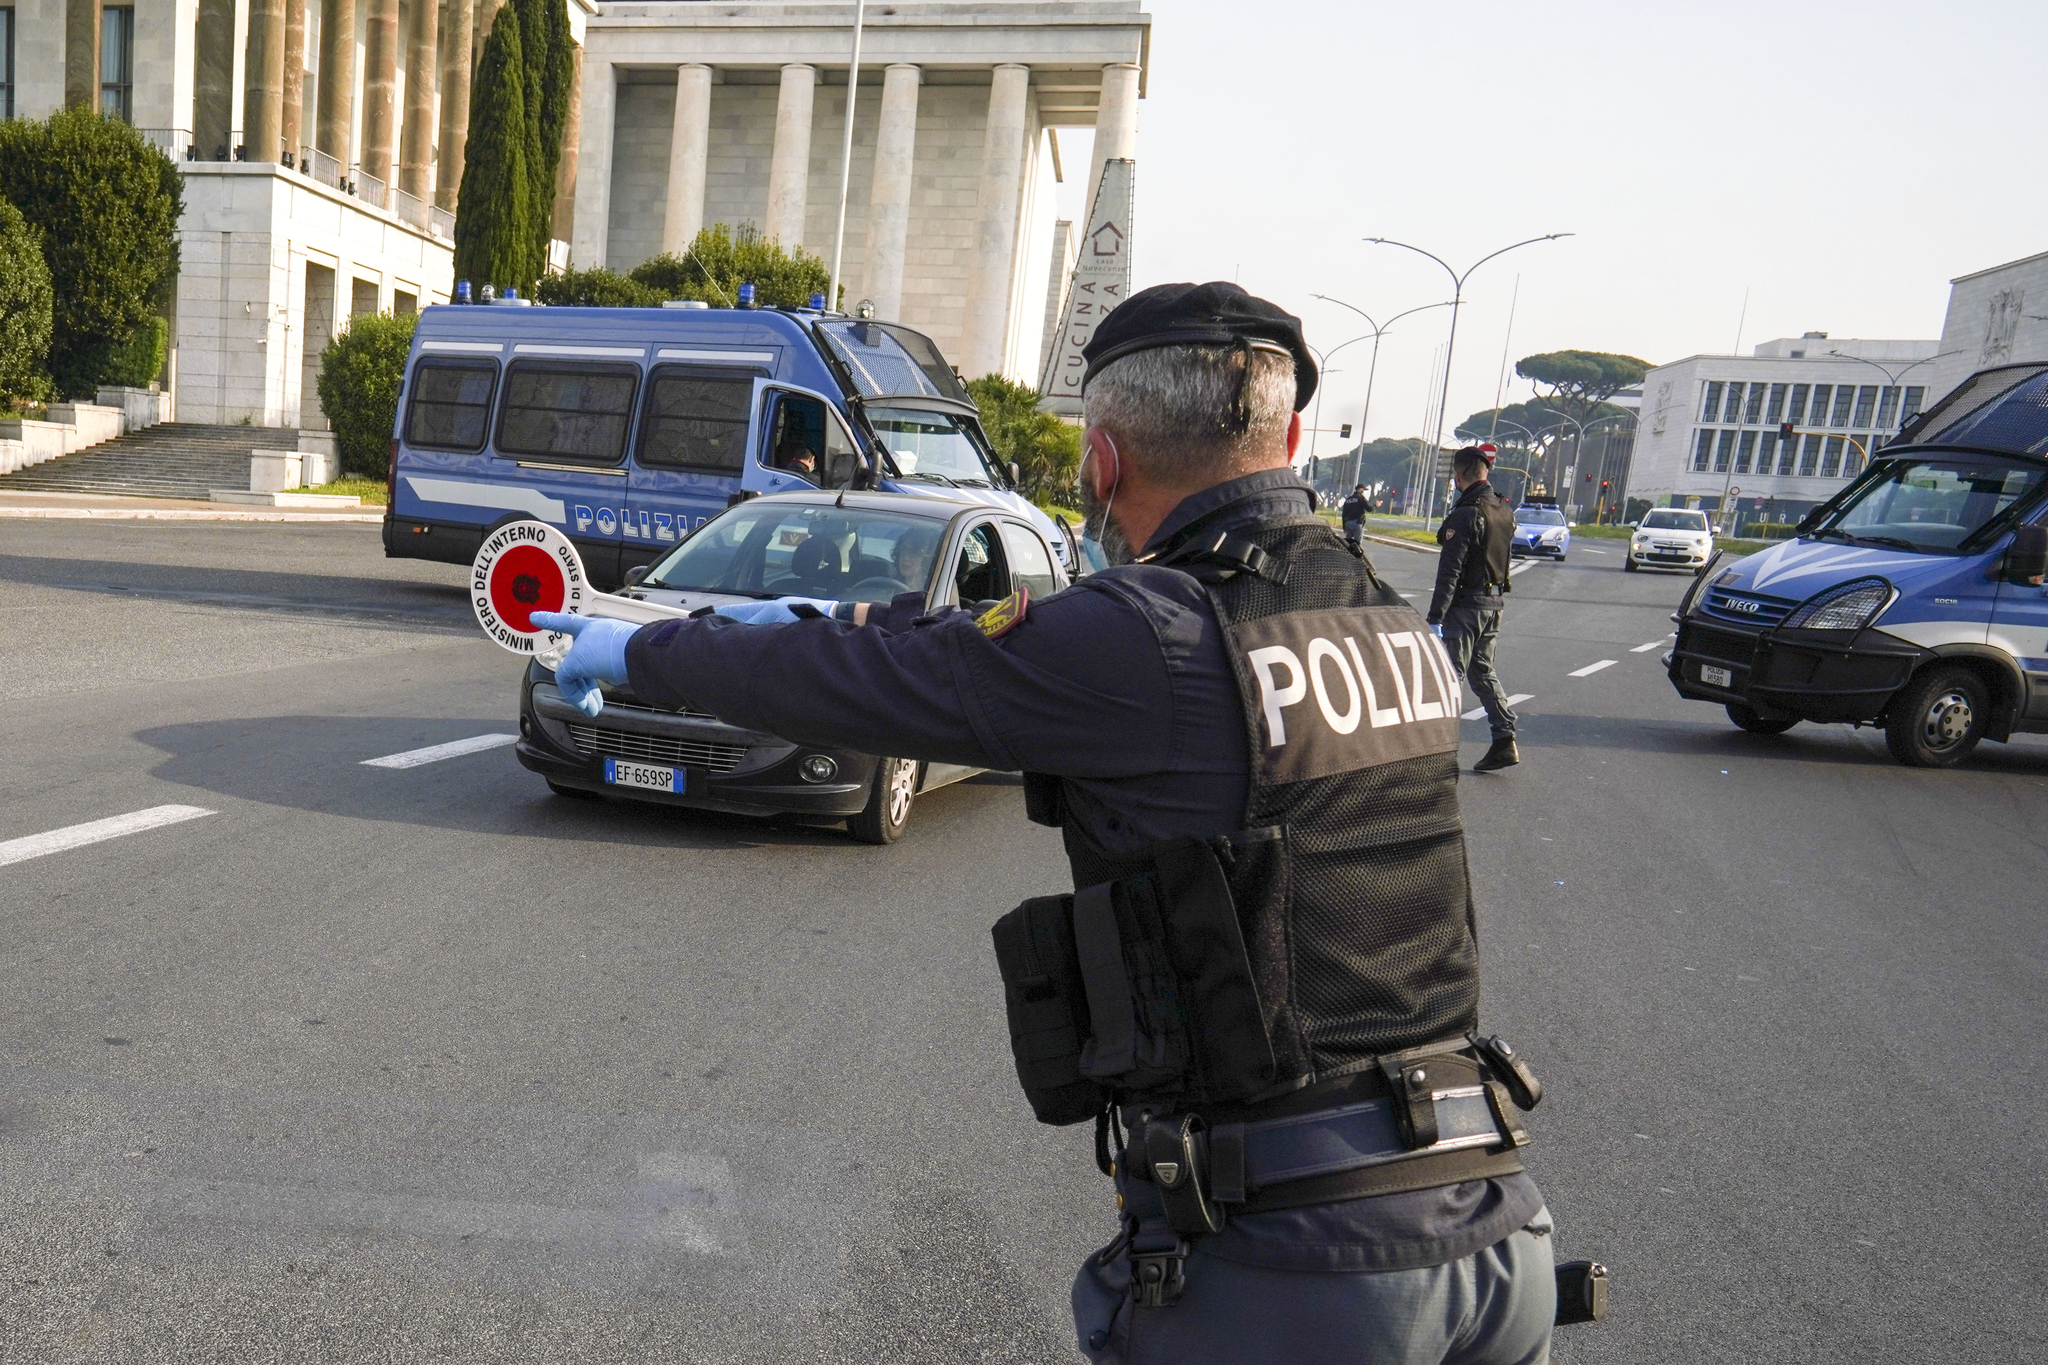 신종 코로나바이러스 감염증(코로나19) 확산 차단을 위해 이동제한령이 발동 중인 이탈리아 로마에서 13일(현지시간) 경찰이 도로를 운행하는 차량을 향해 정지 신호를 보내고 있다. AP=연합뉴스